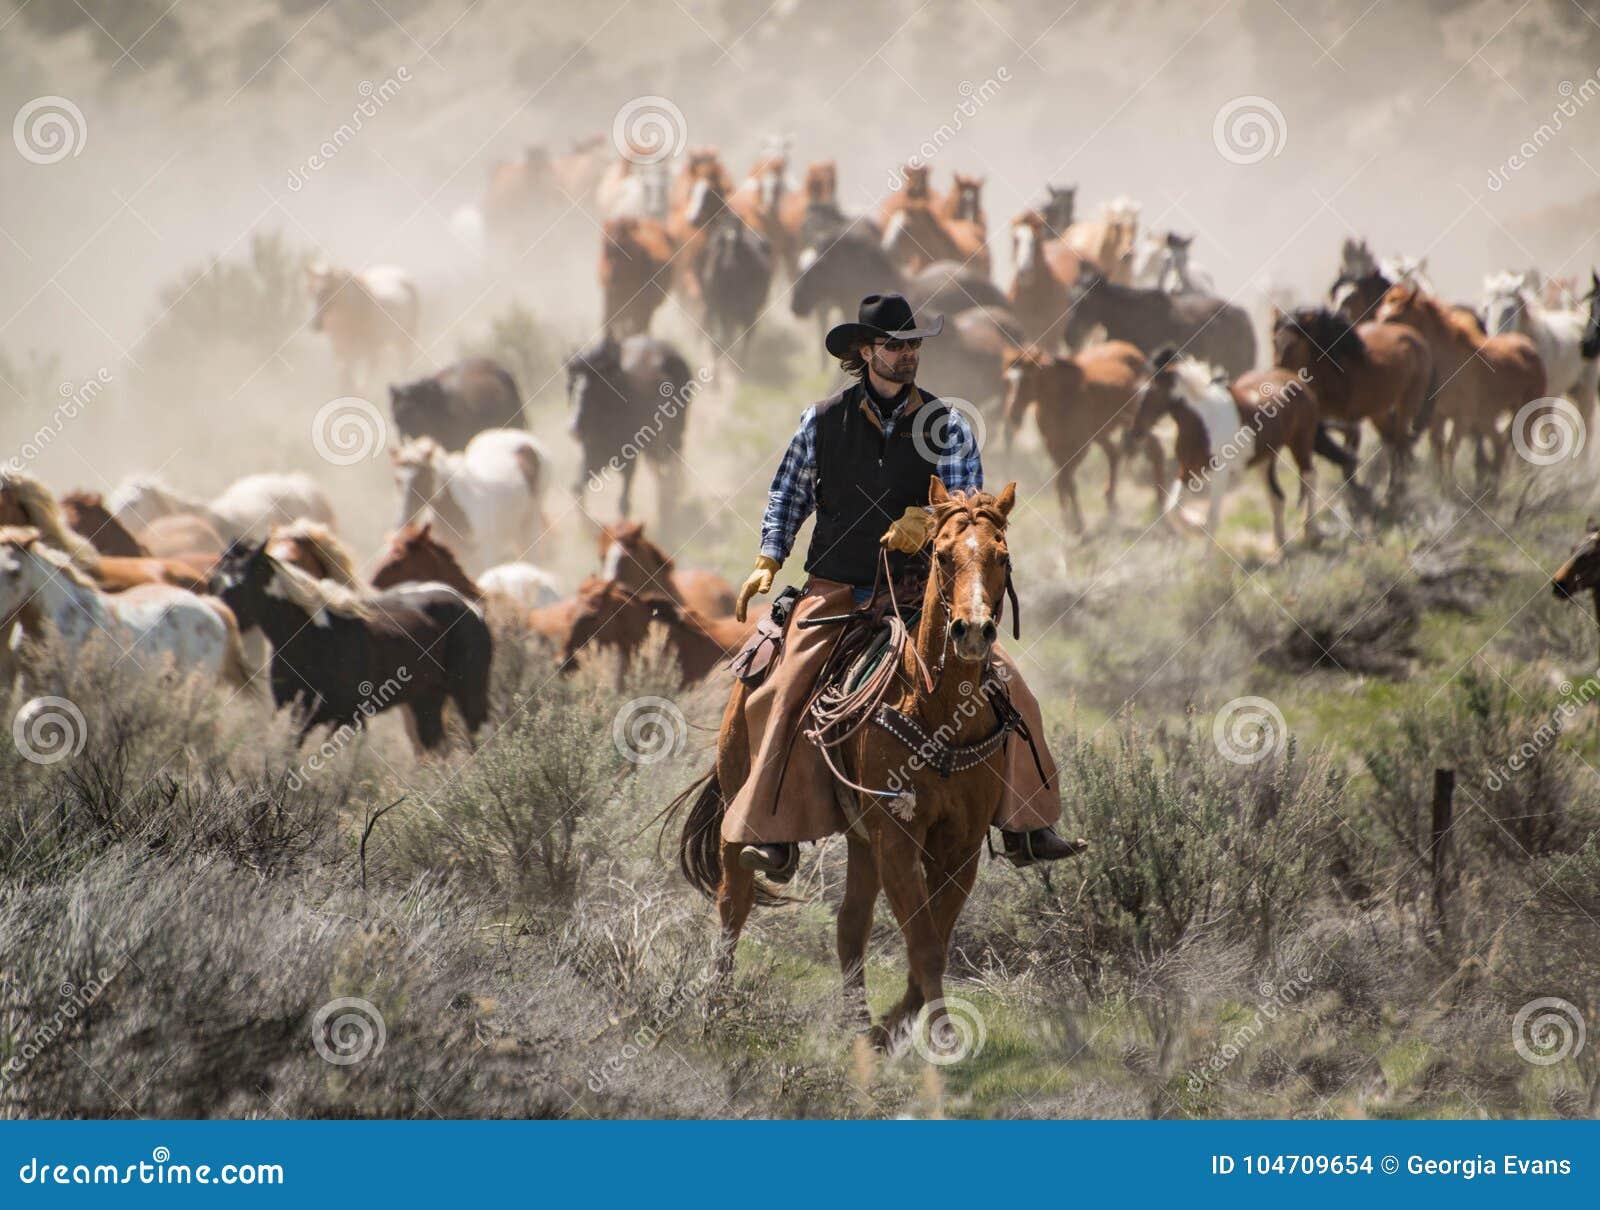 El vaquero con el sombrero negro y el caballo principal del caballo del alazán reúne en un galope